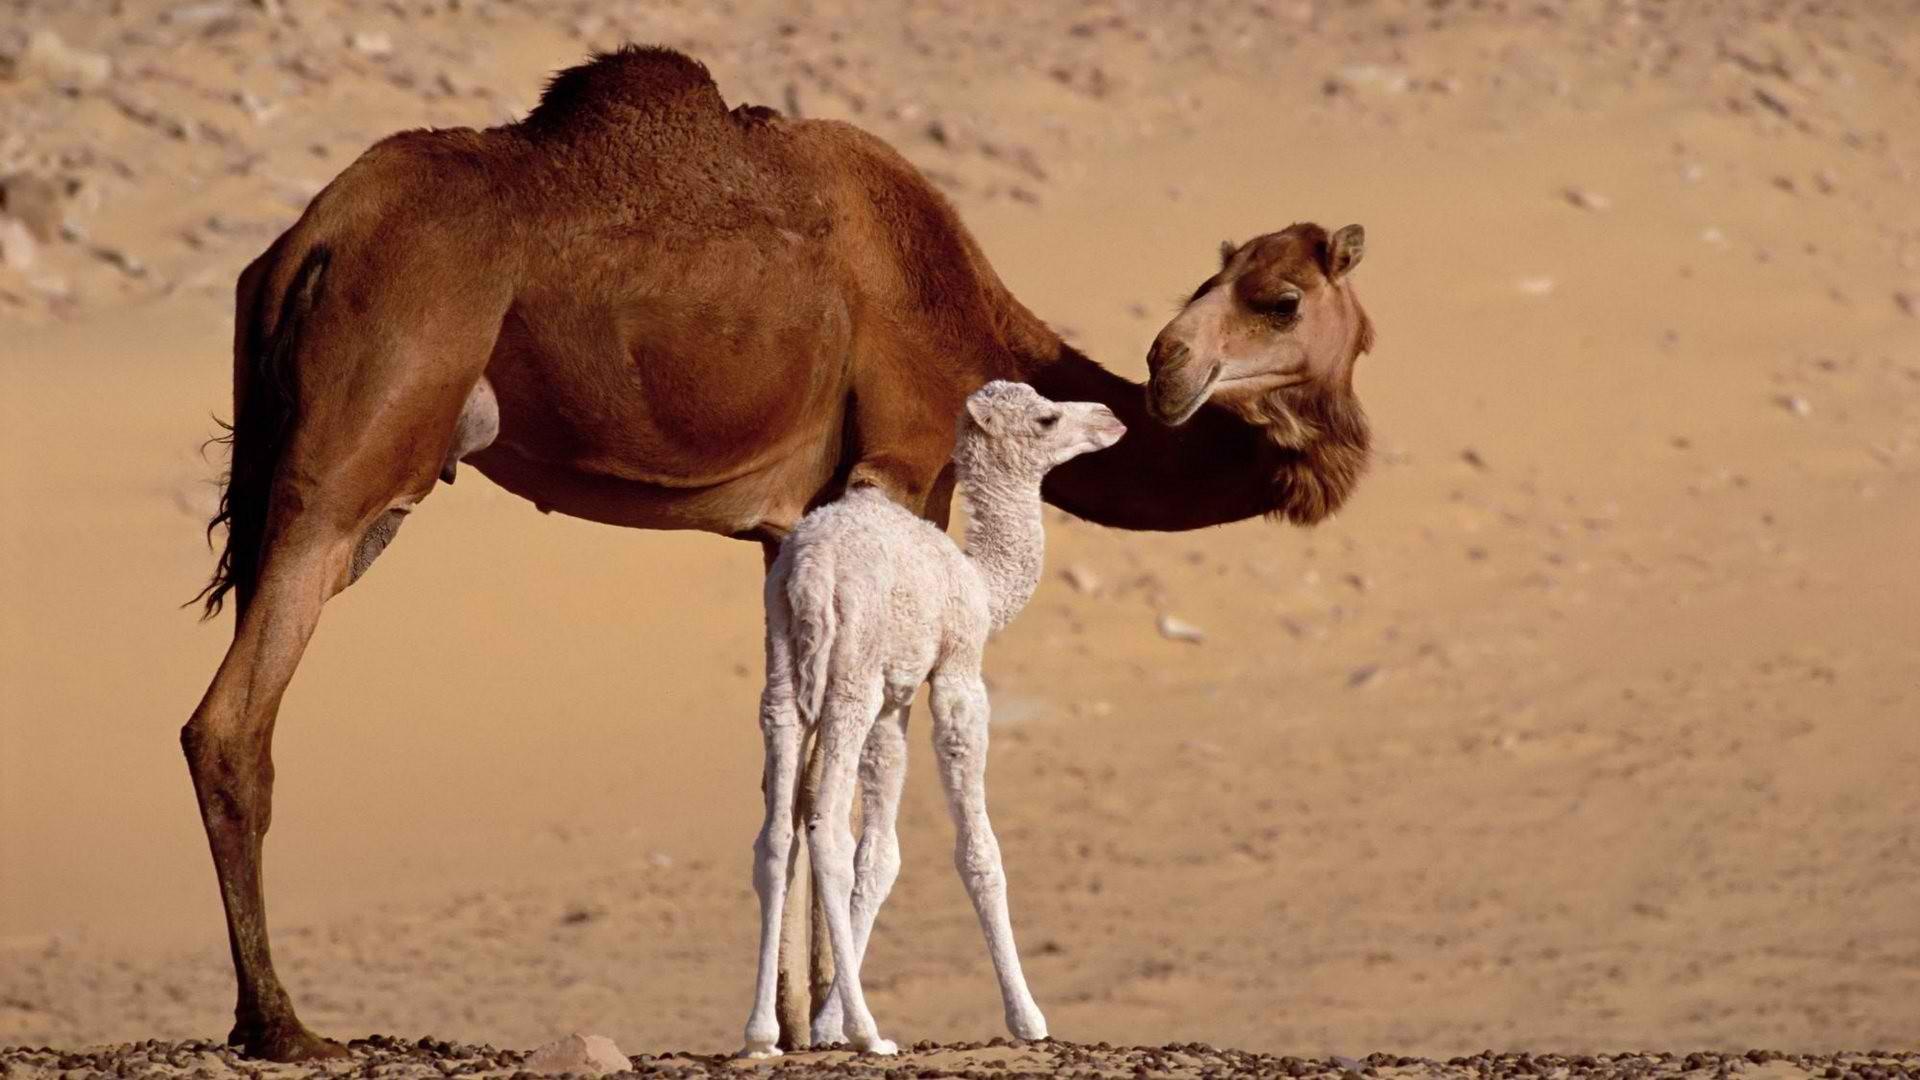 фото верблюд с верблюжонком